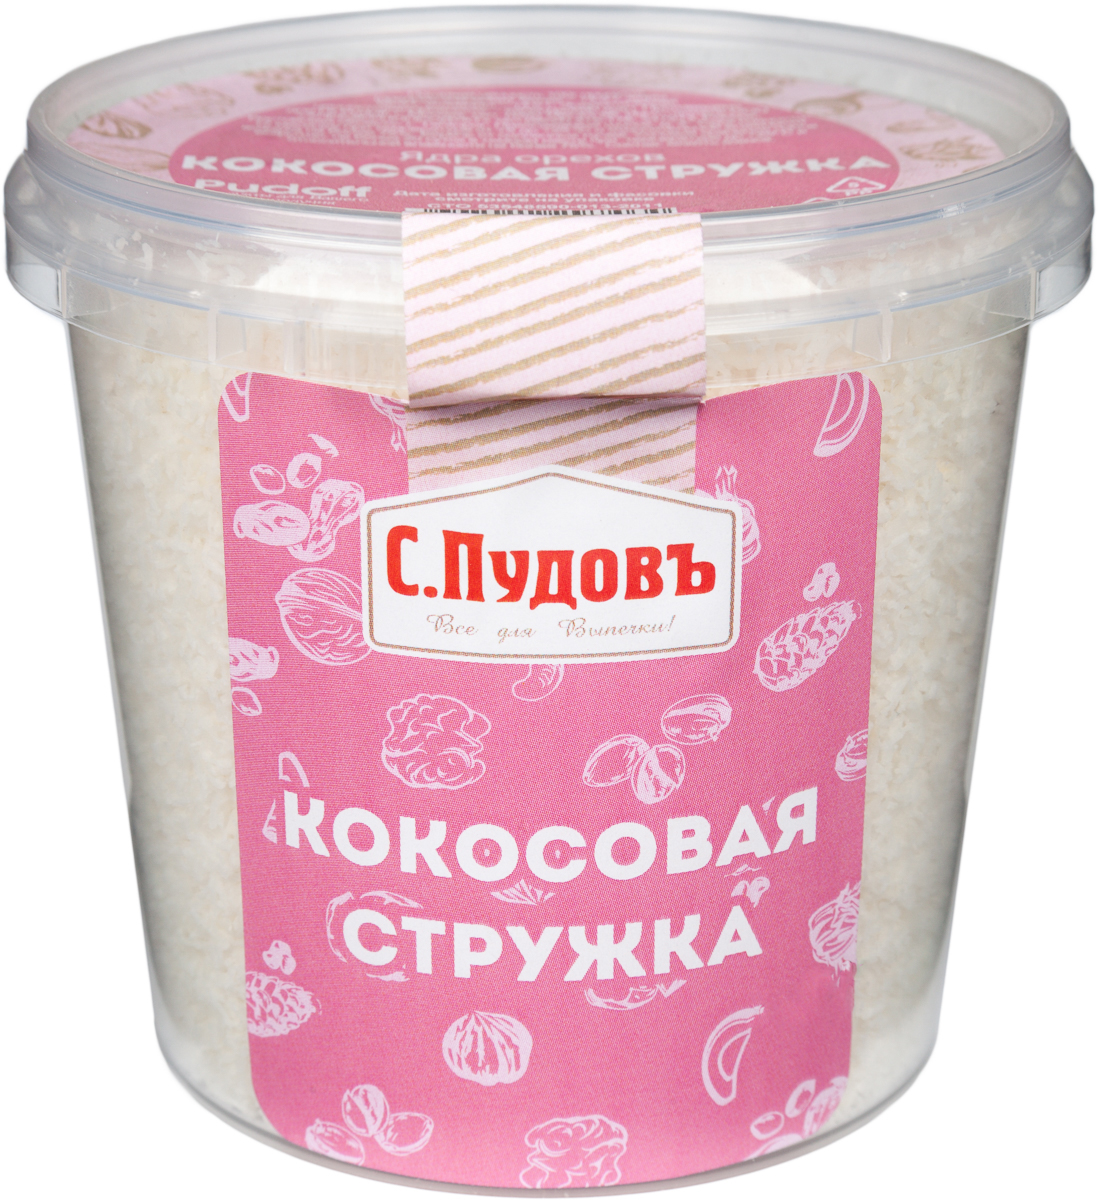 Пудовъ кокосовая стружка, 120 г0120710Кокосовая стружка Пудовъ хорошо сочетается с кондитерскими изделиями. Ее можно использовать как посыпку или добавлять в тесто, крем.